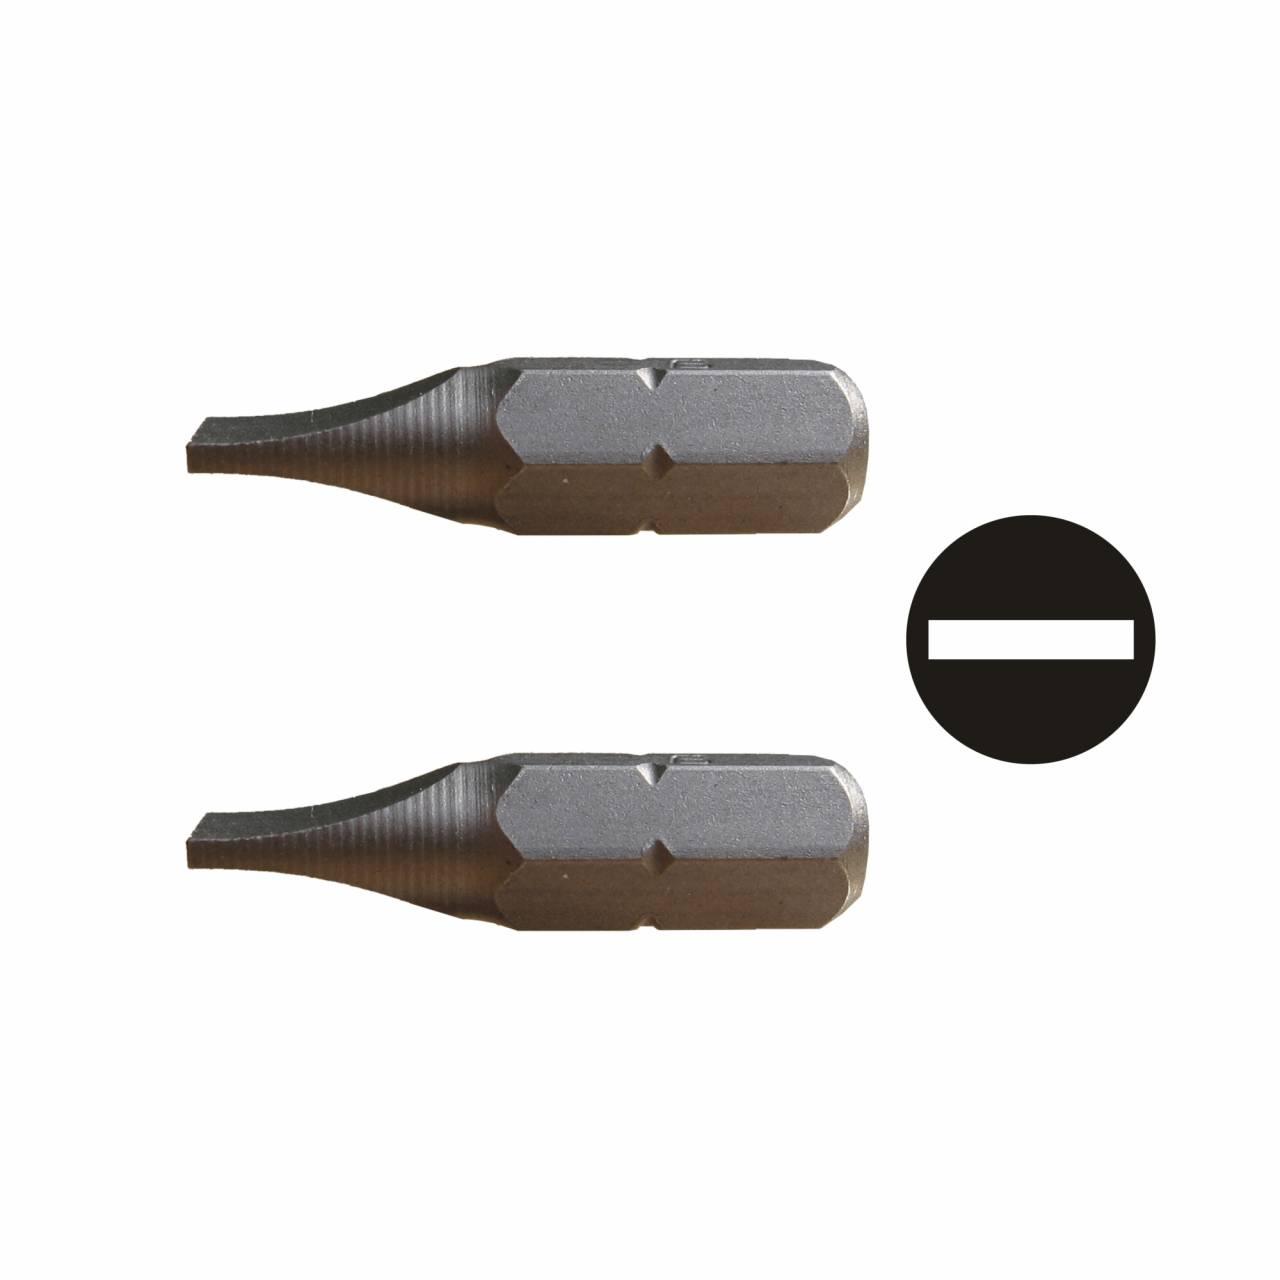 Längsschlitzklingen / Pck a 2 Stück